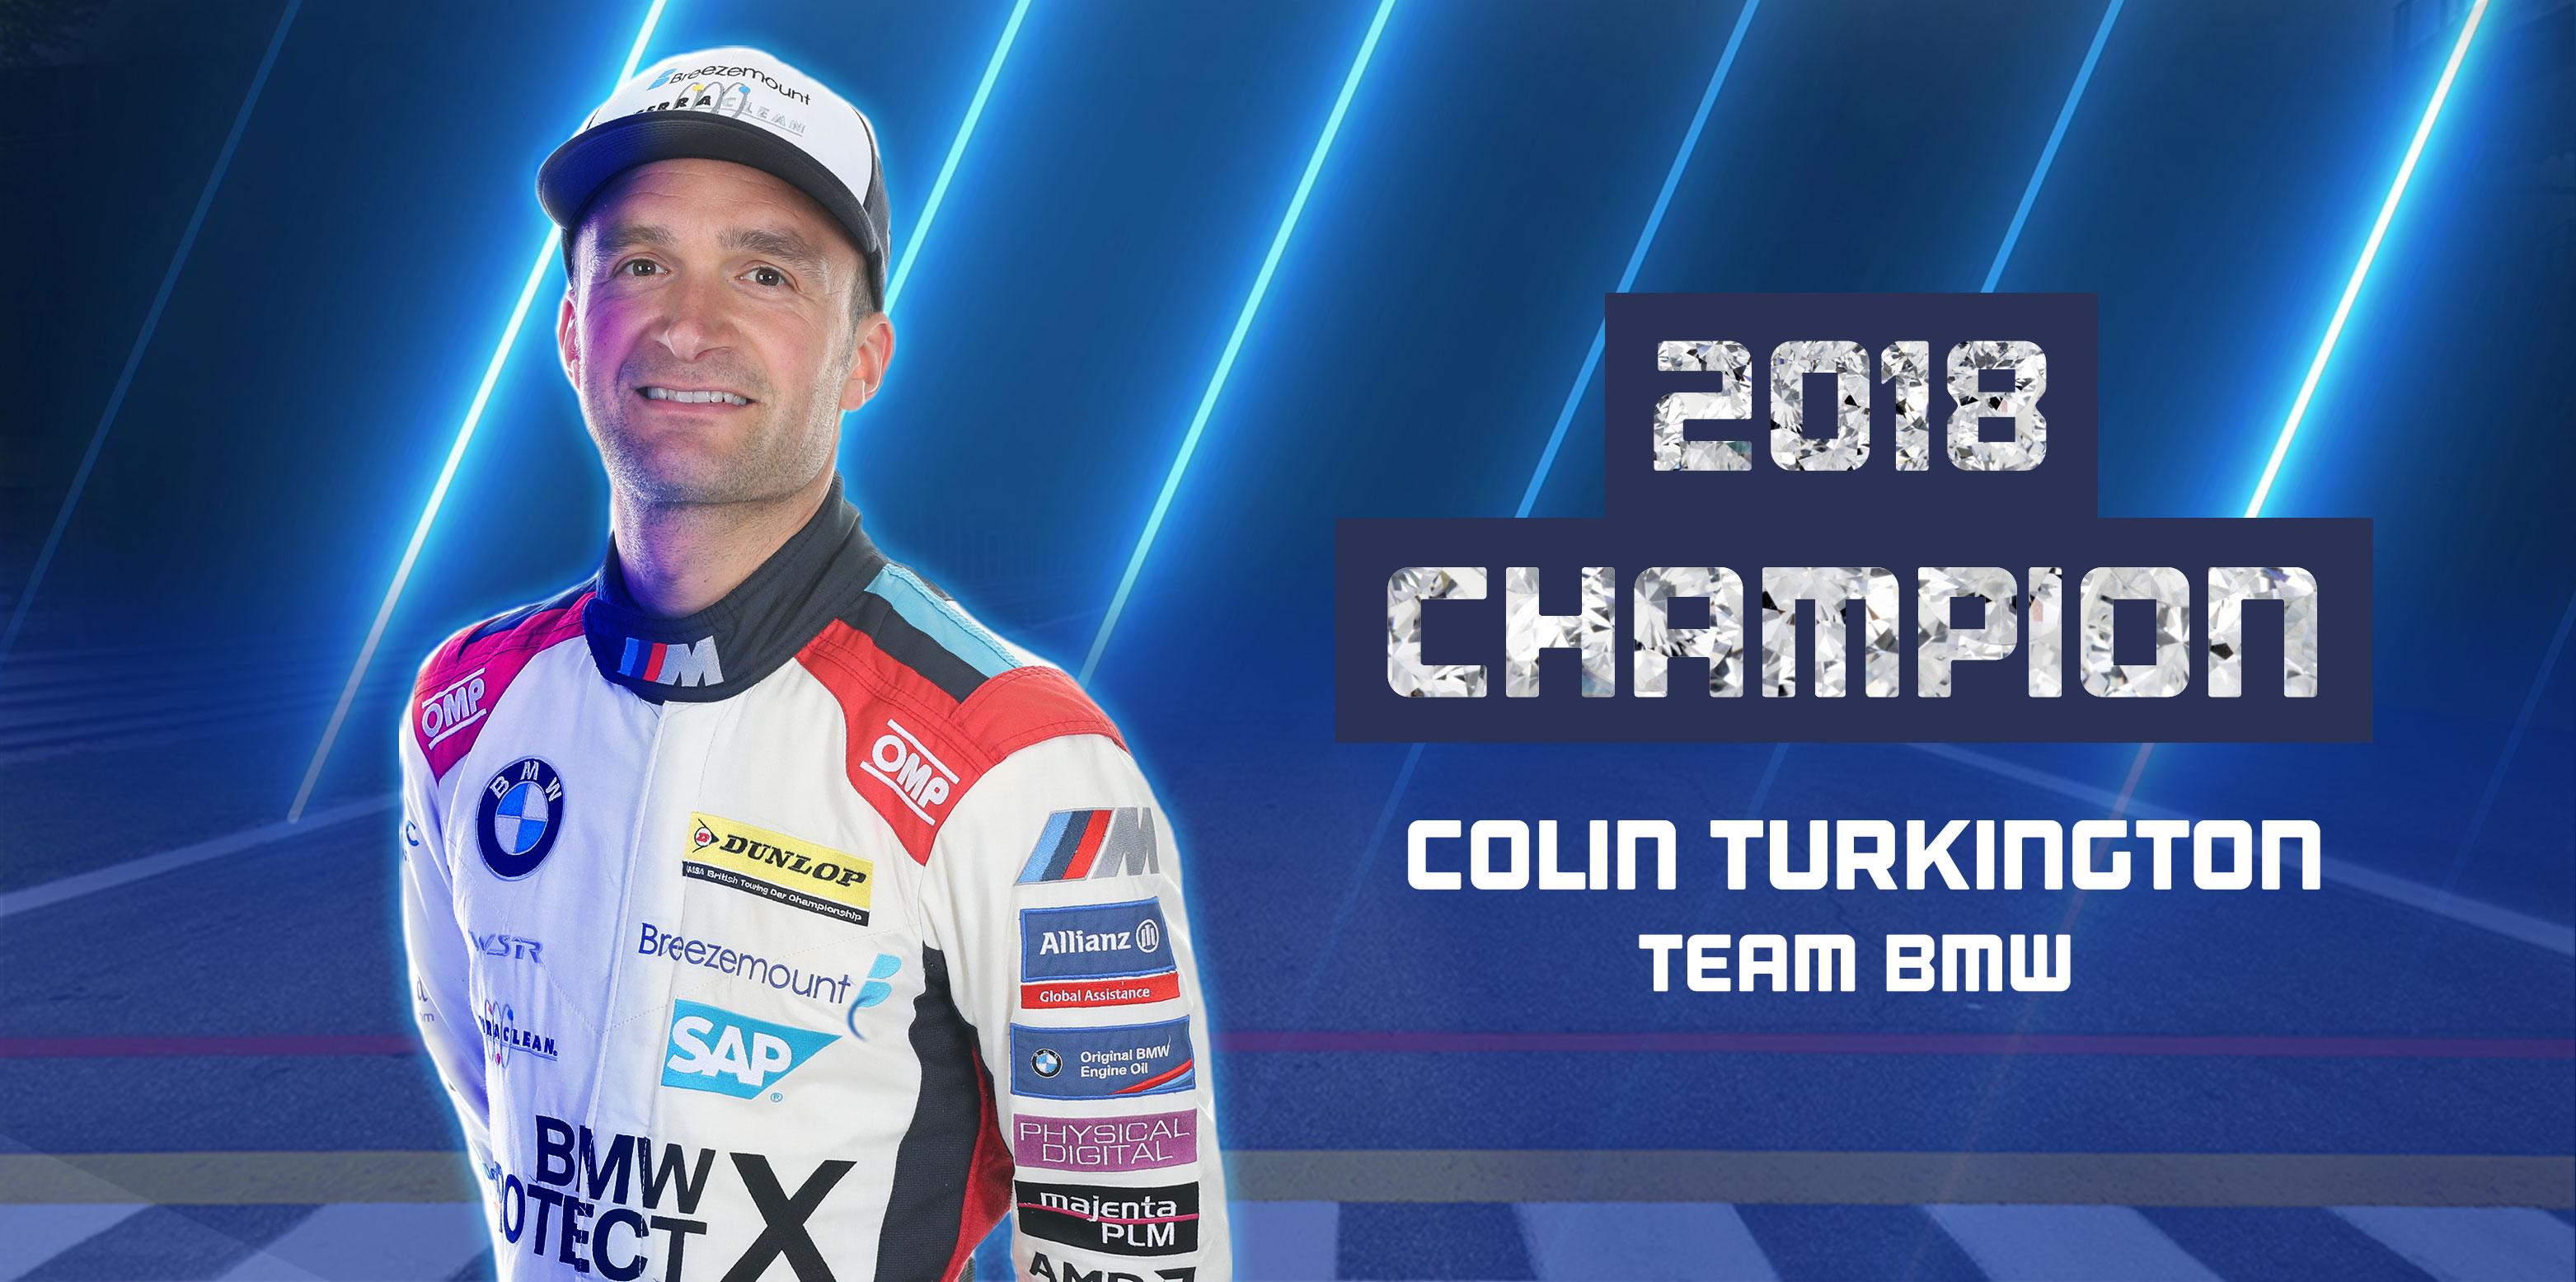 Turkington 2018 Champ